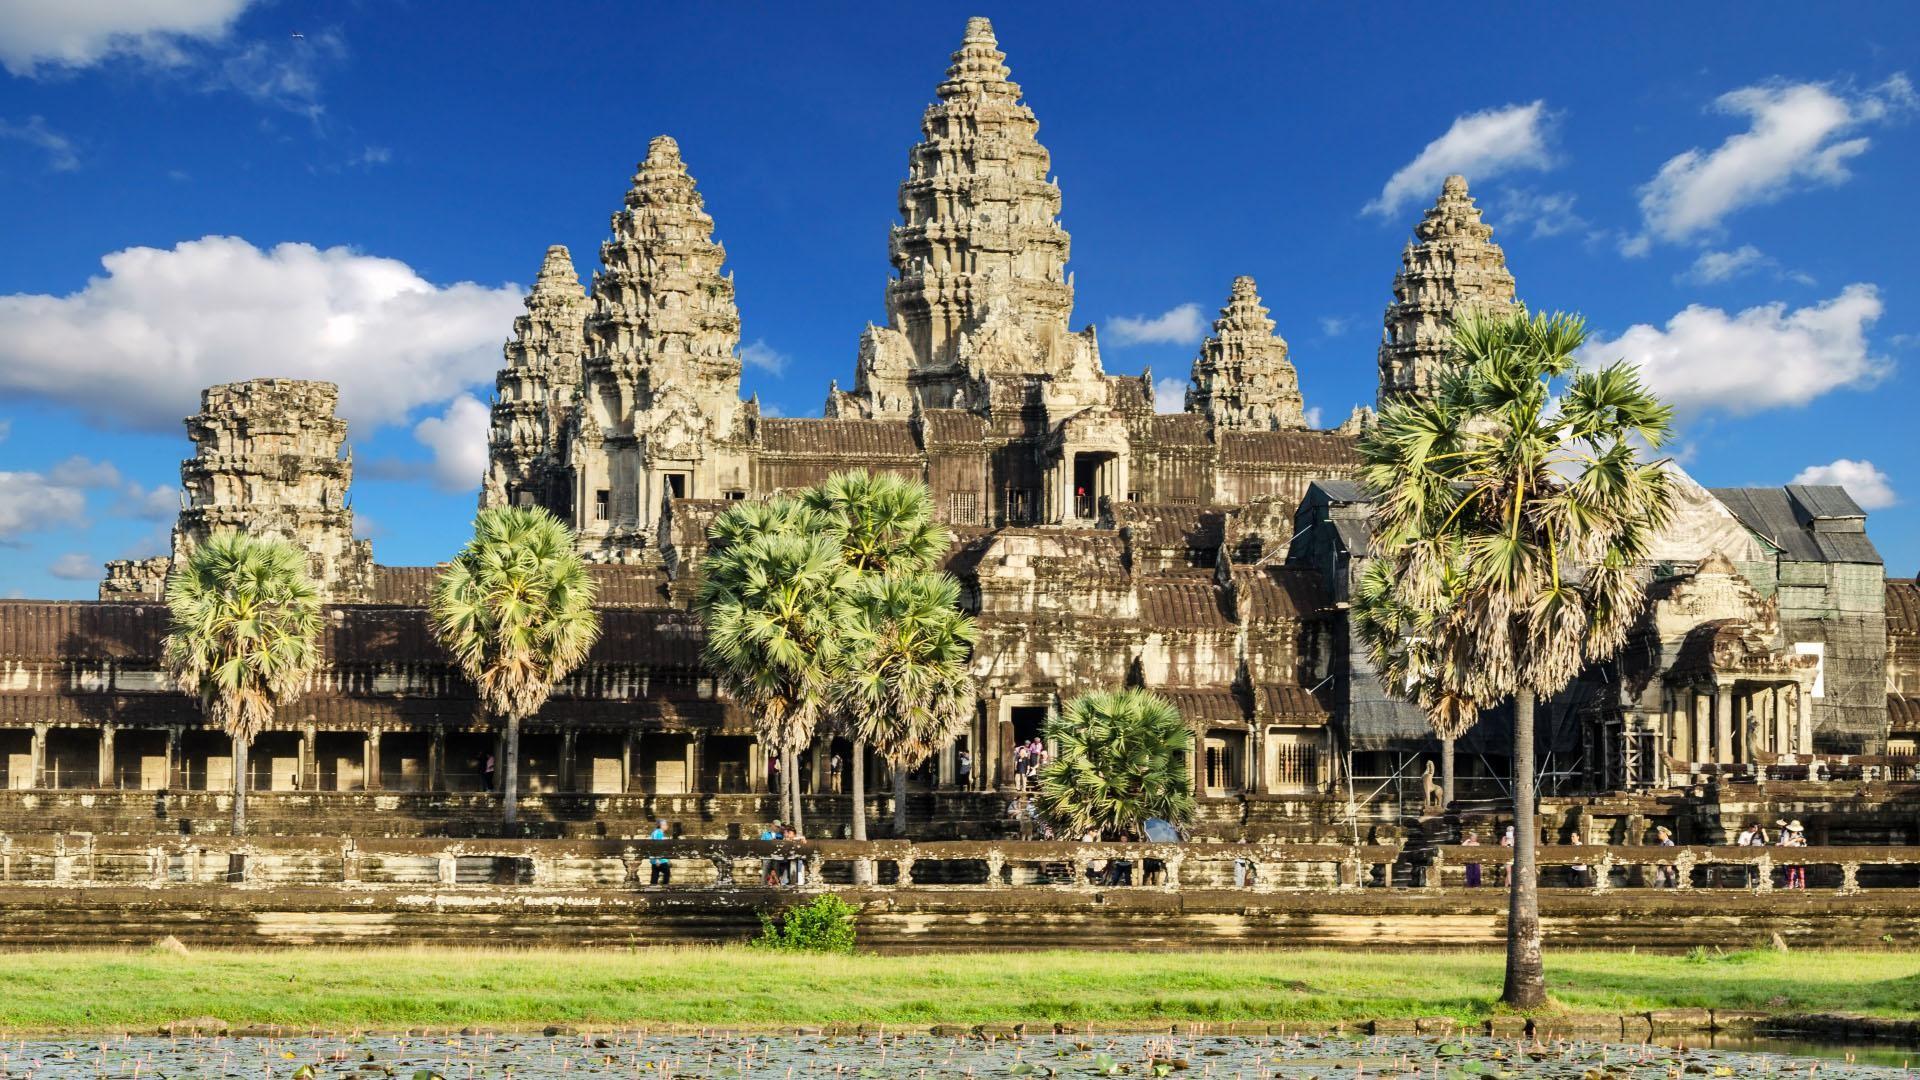 Angkor Wat Wallpaper HD 60 images 1920x1080